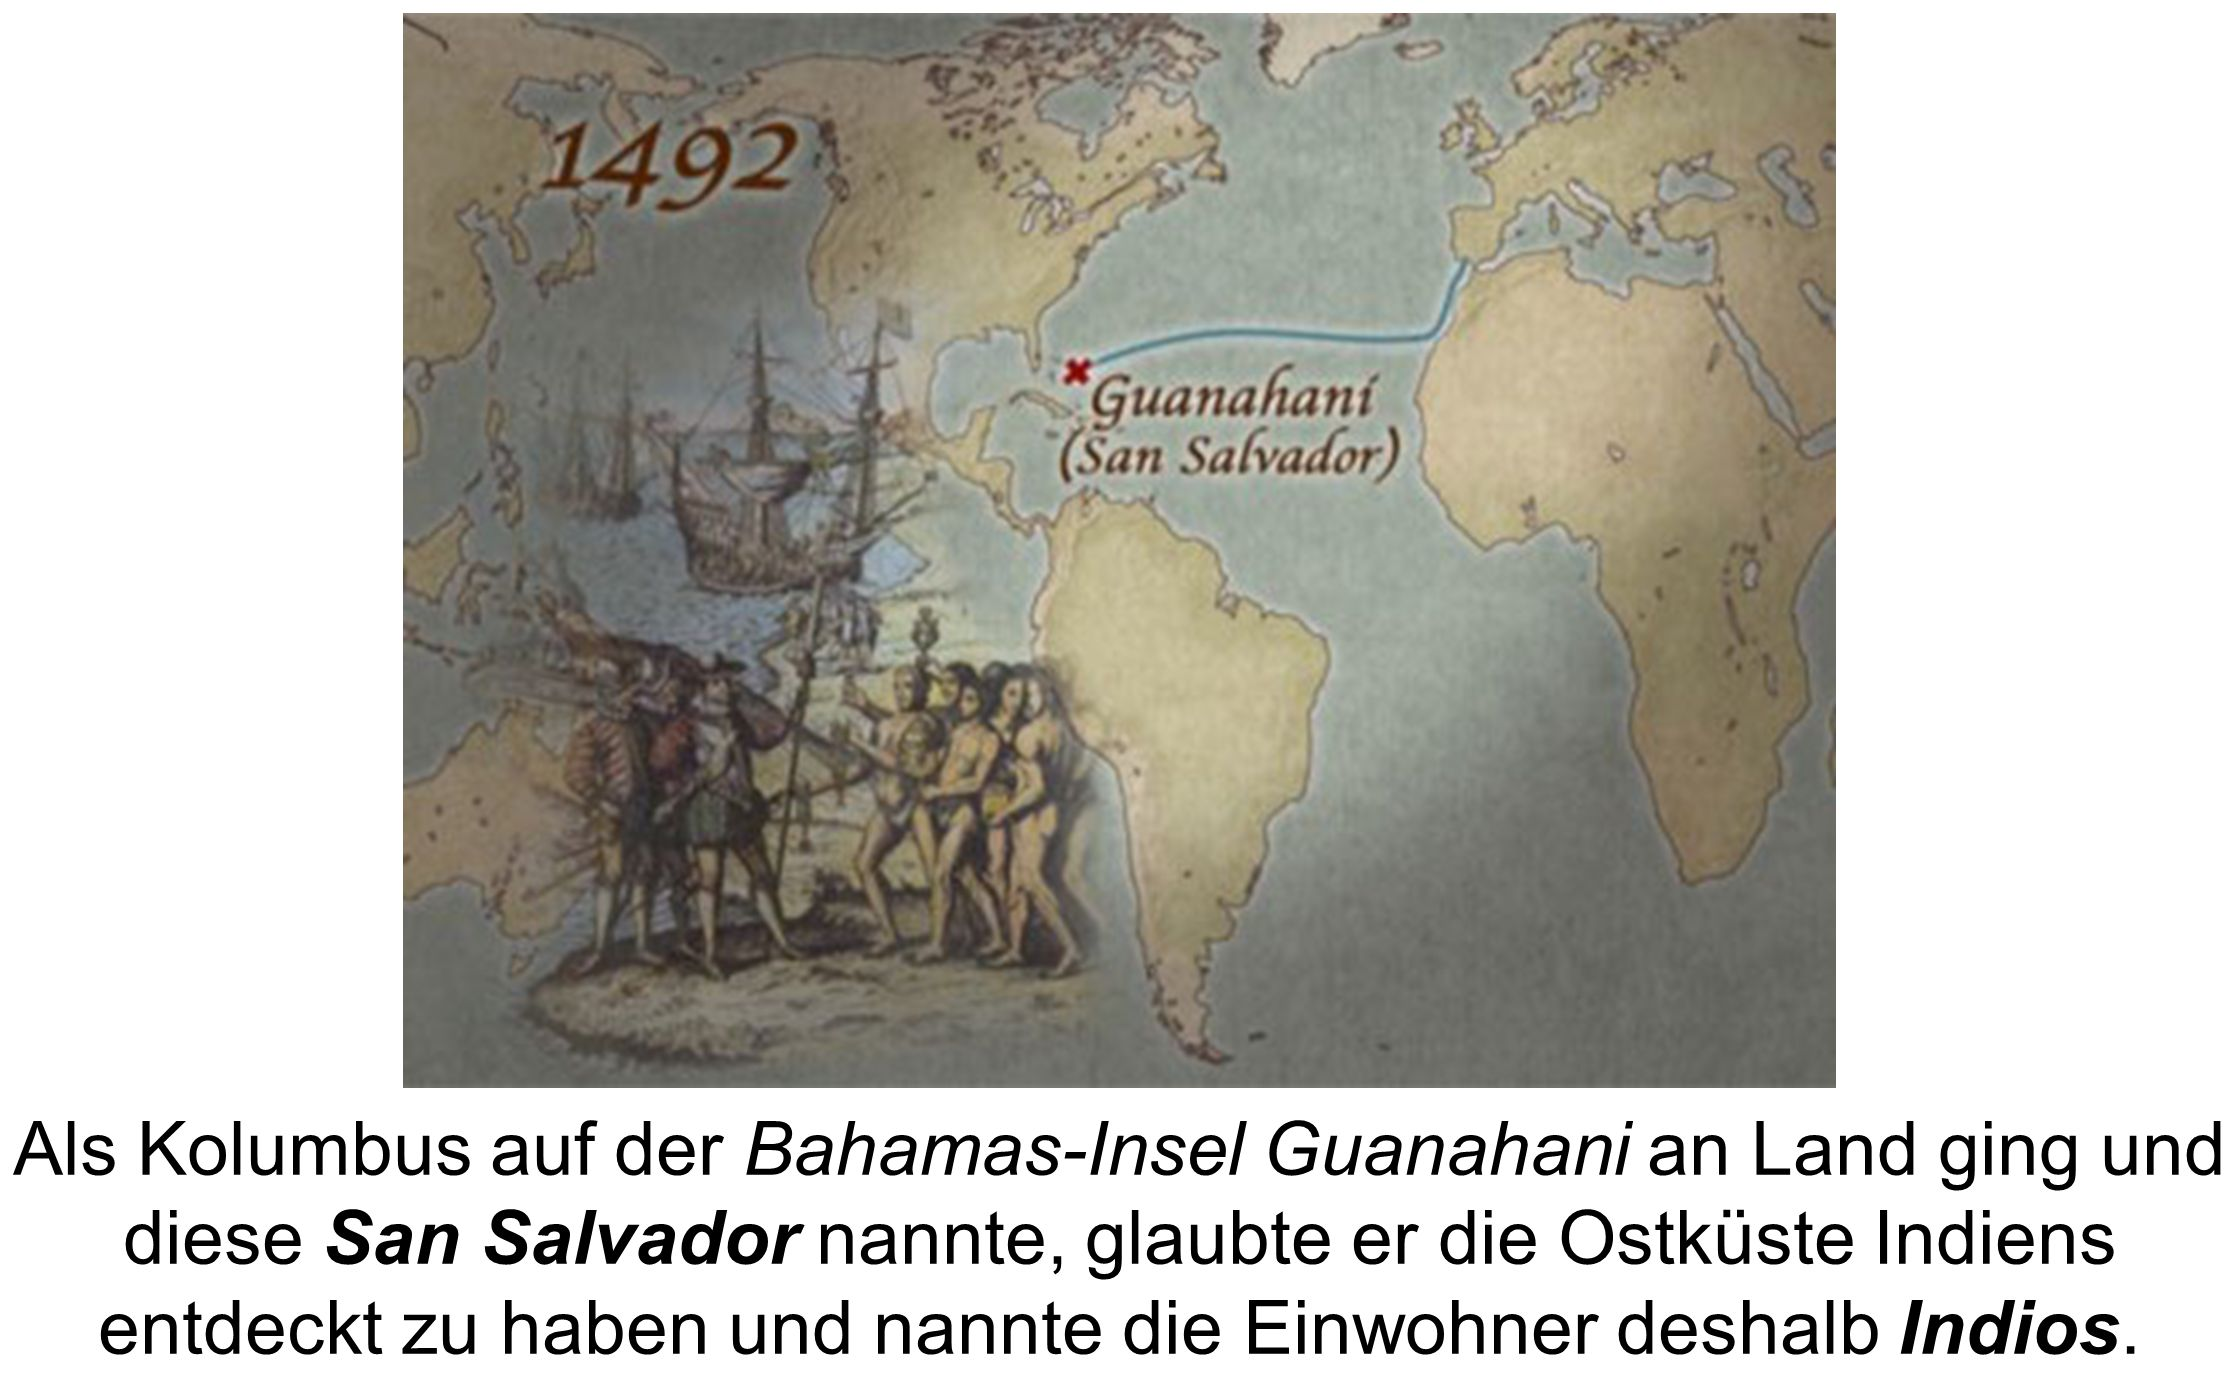 Als Kolumbus auf der Bahamas-Insel Guanahani an Land ging und diese San Salvador nannte, glaubte er die Ostküste Indiens entdeckt zu haben und nannte die Einwohner deshalb Indios.